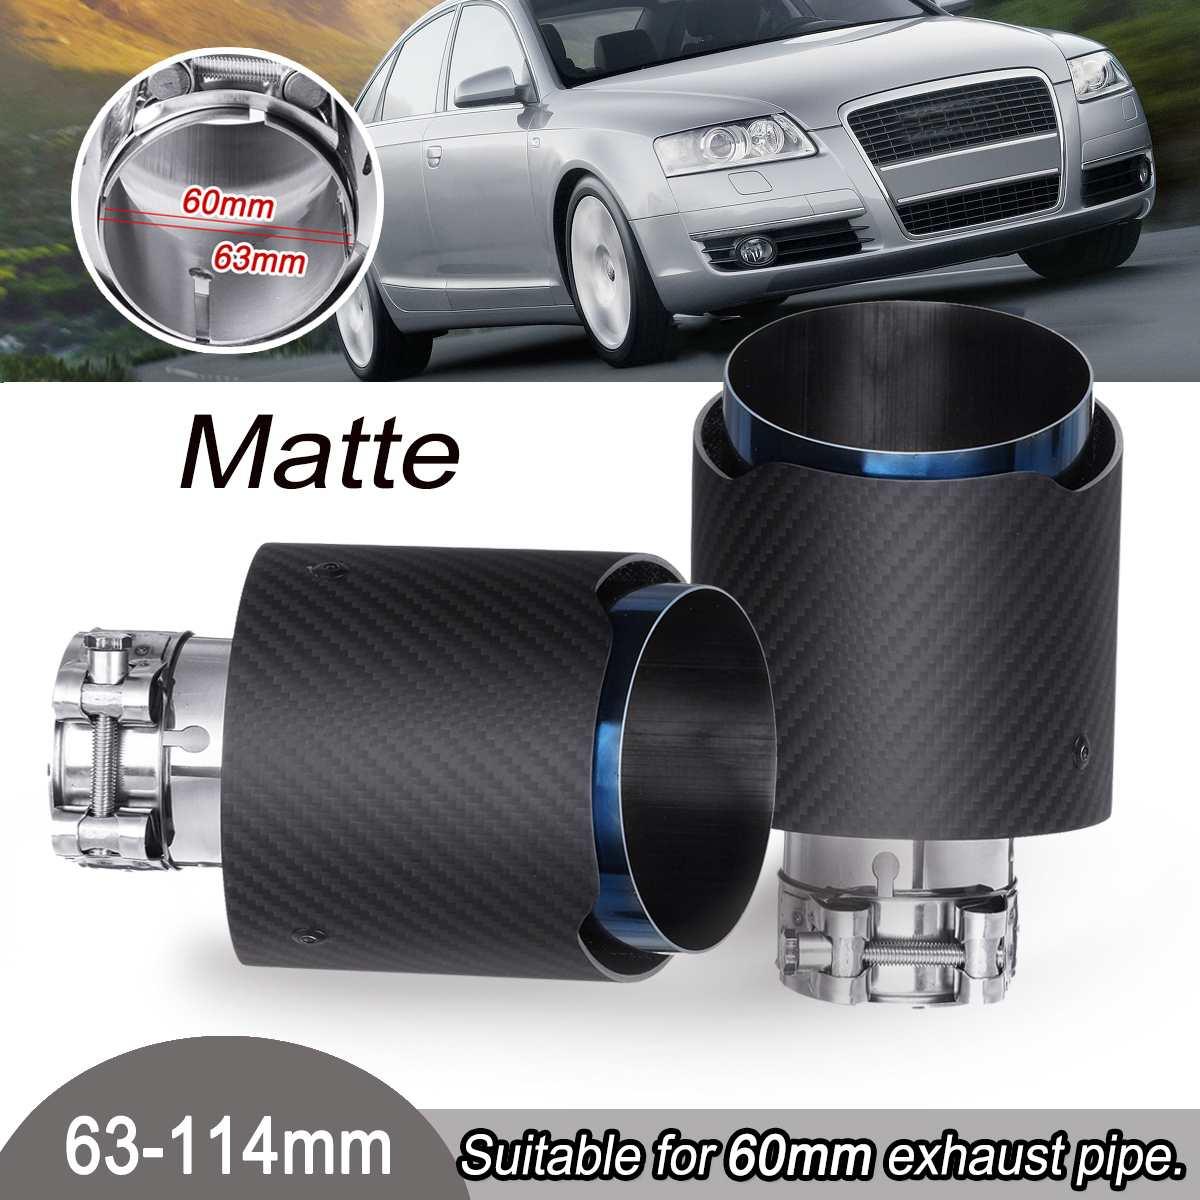 2 pièces 63-114mm universel en acier inoxydable mat en Fiber de carbone arrière embout d'échappement bleu tuyau d'extrémité pour VW/Benz/Ford/Mazda/Toyota/Honda